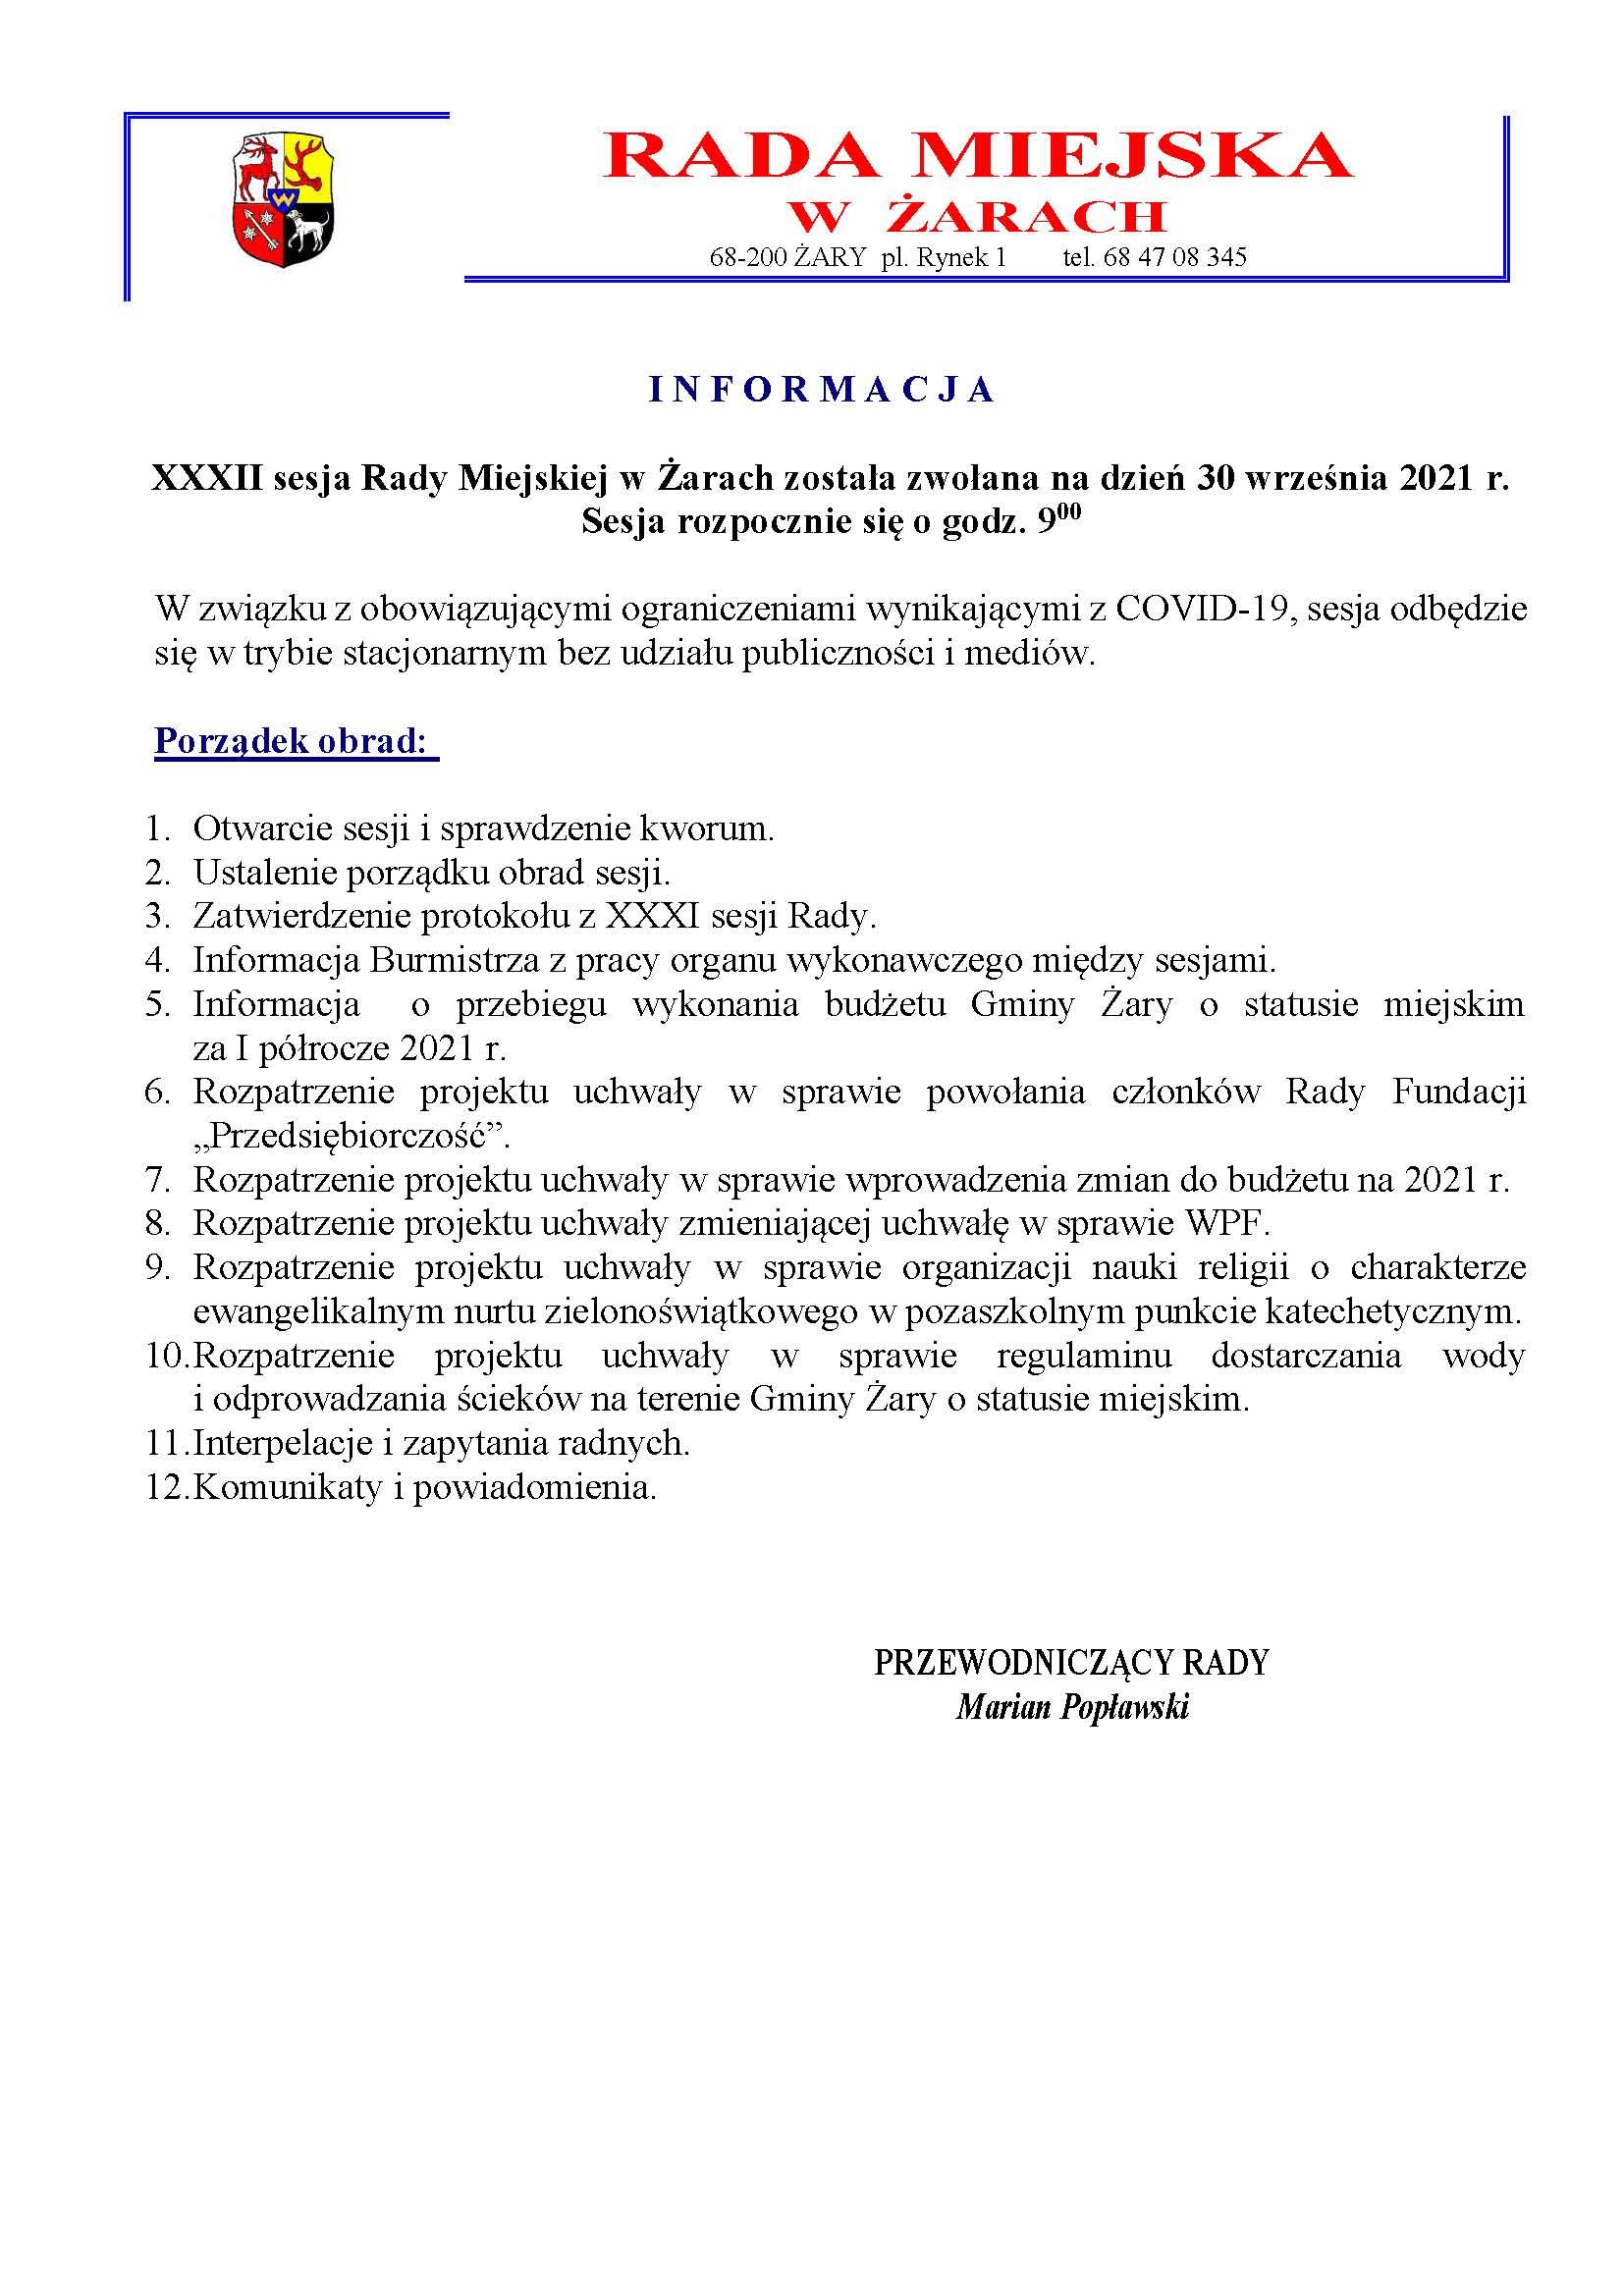 Ilustracja do informacji: XXXII sesja Rady Miejskiej w Żarach